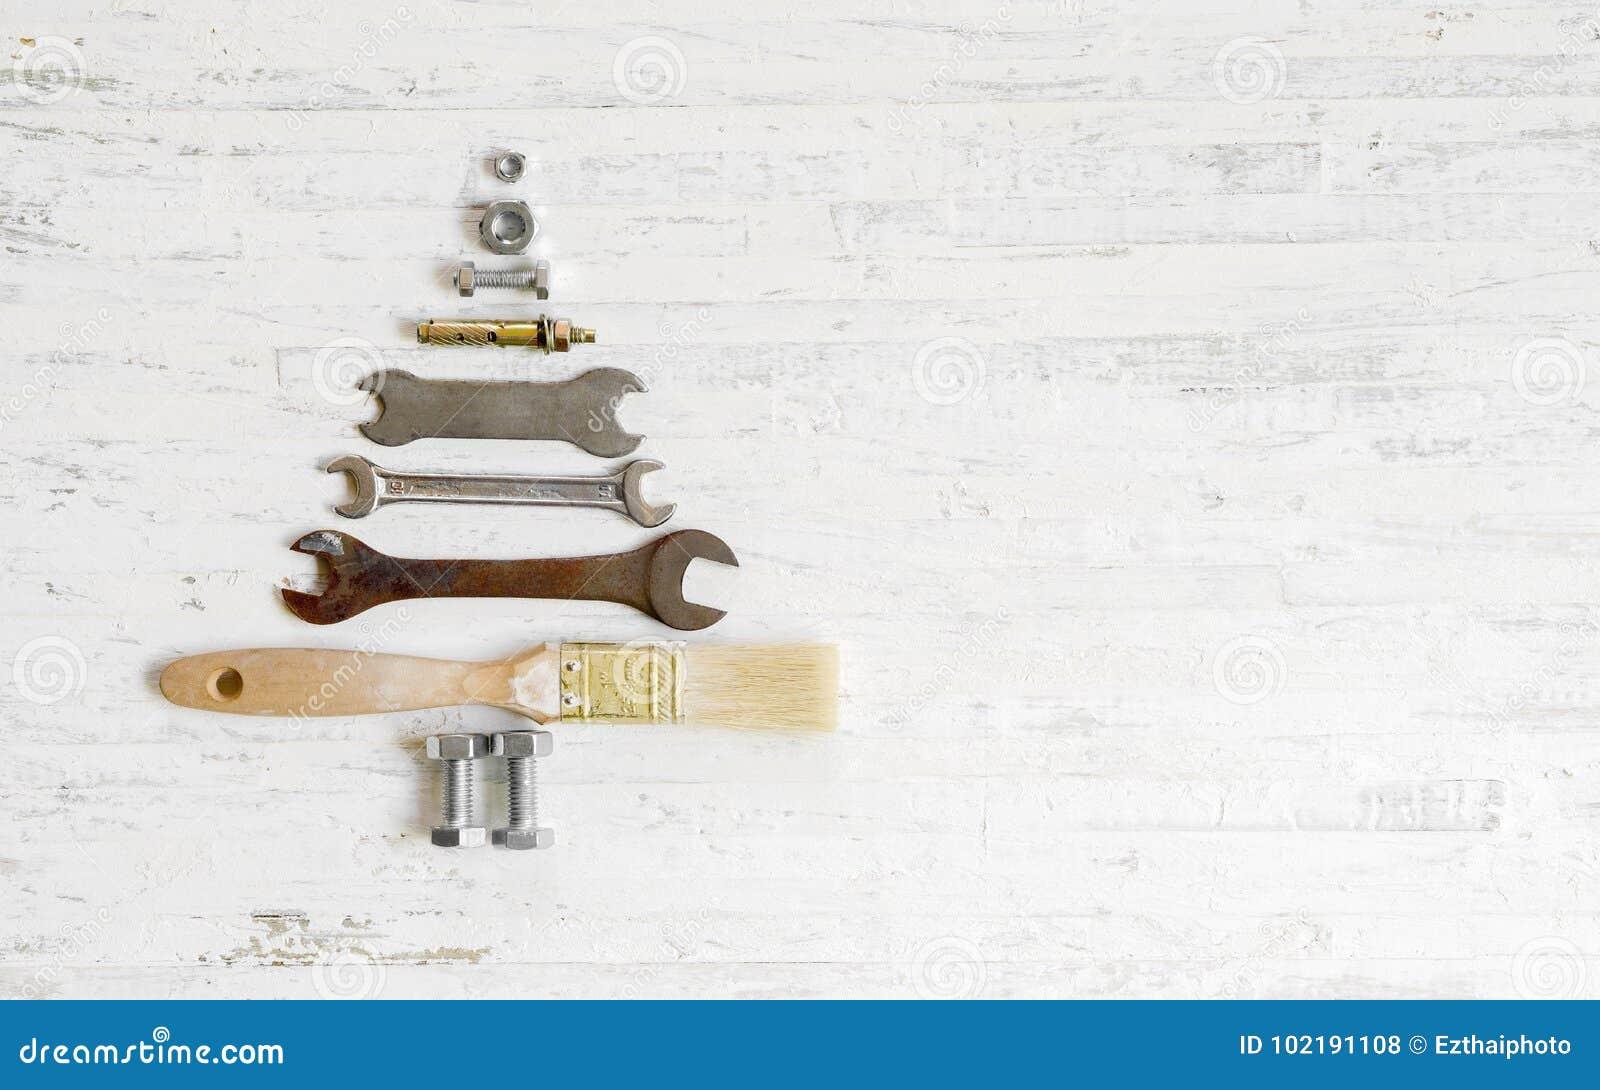 Γαλλικό κλειδί βουρτσών χρωμάτων, καρύδια - και - μπουλόνια που διακοσμούνται ως χριστουγεννιάτικο δέντρο ο